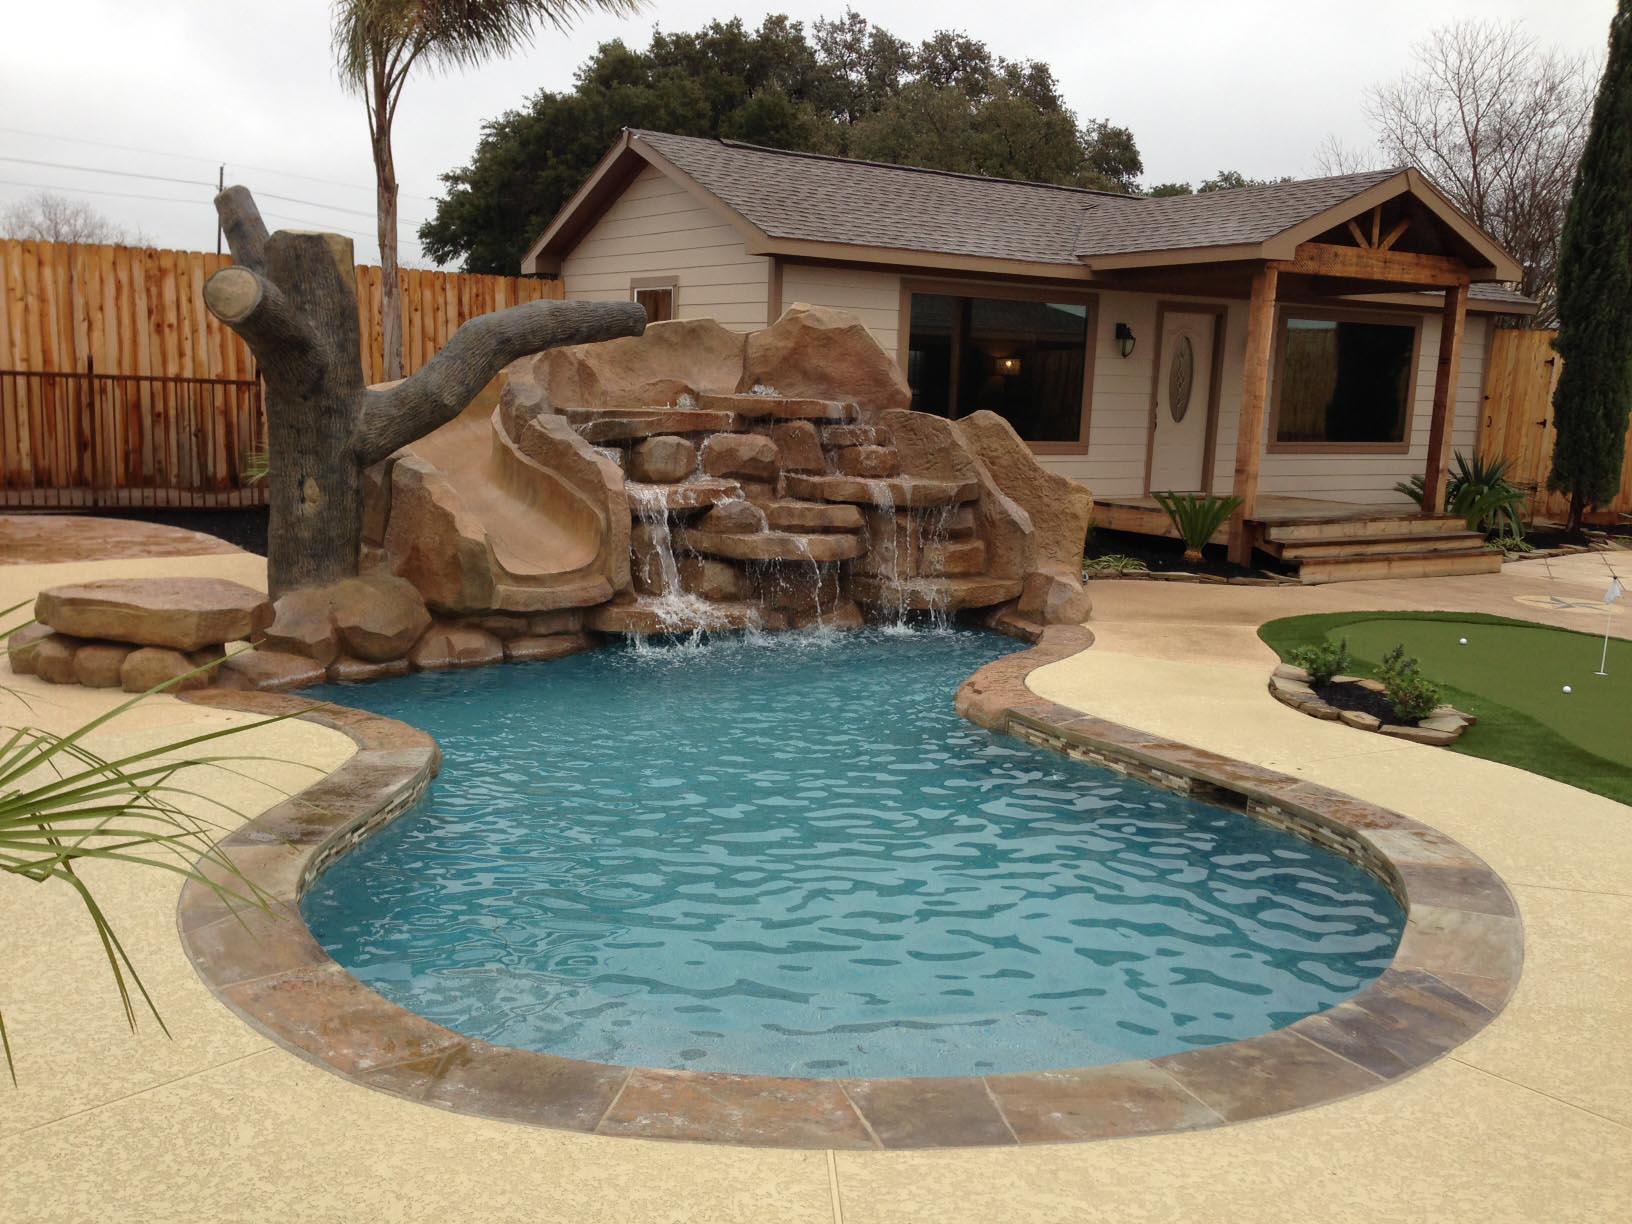 Pool in Small Backyard